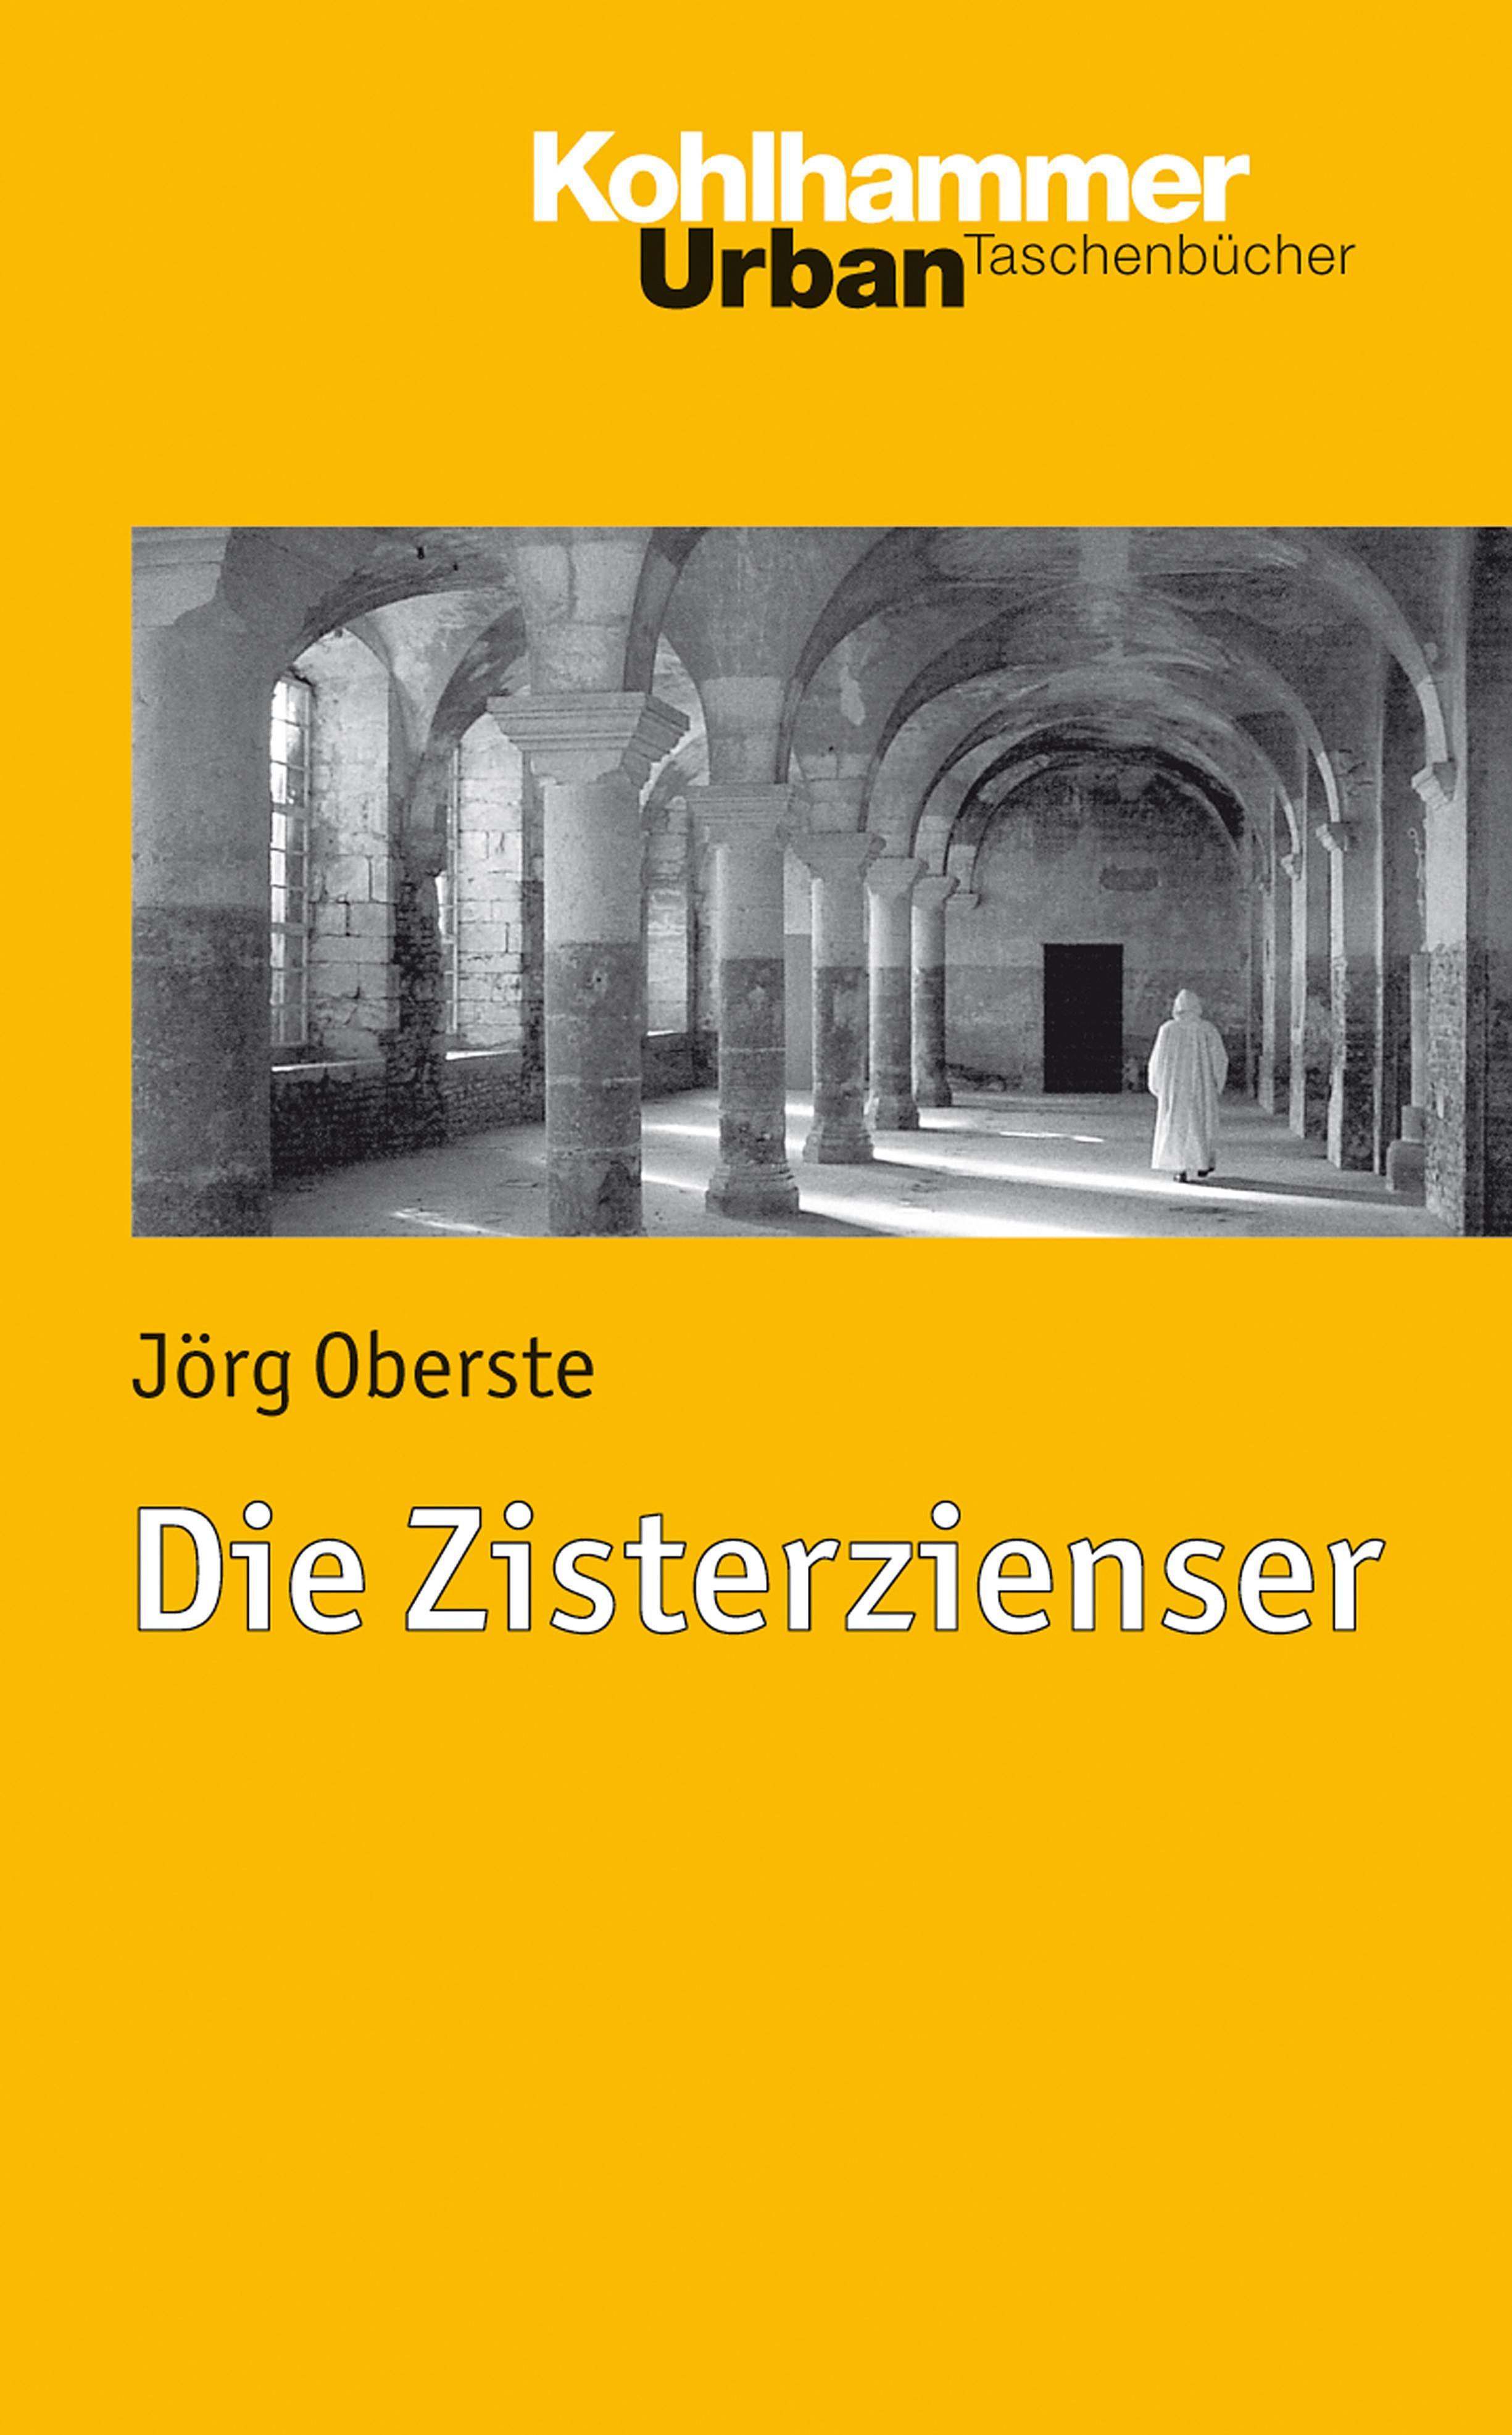 Die Zisterzienser Jörg Oberste